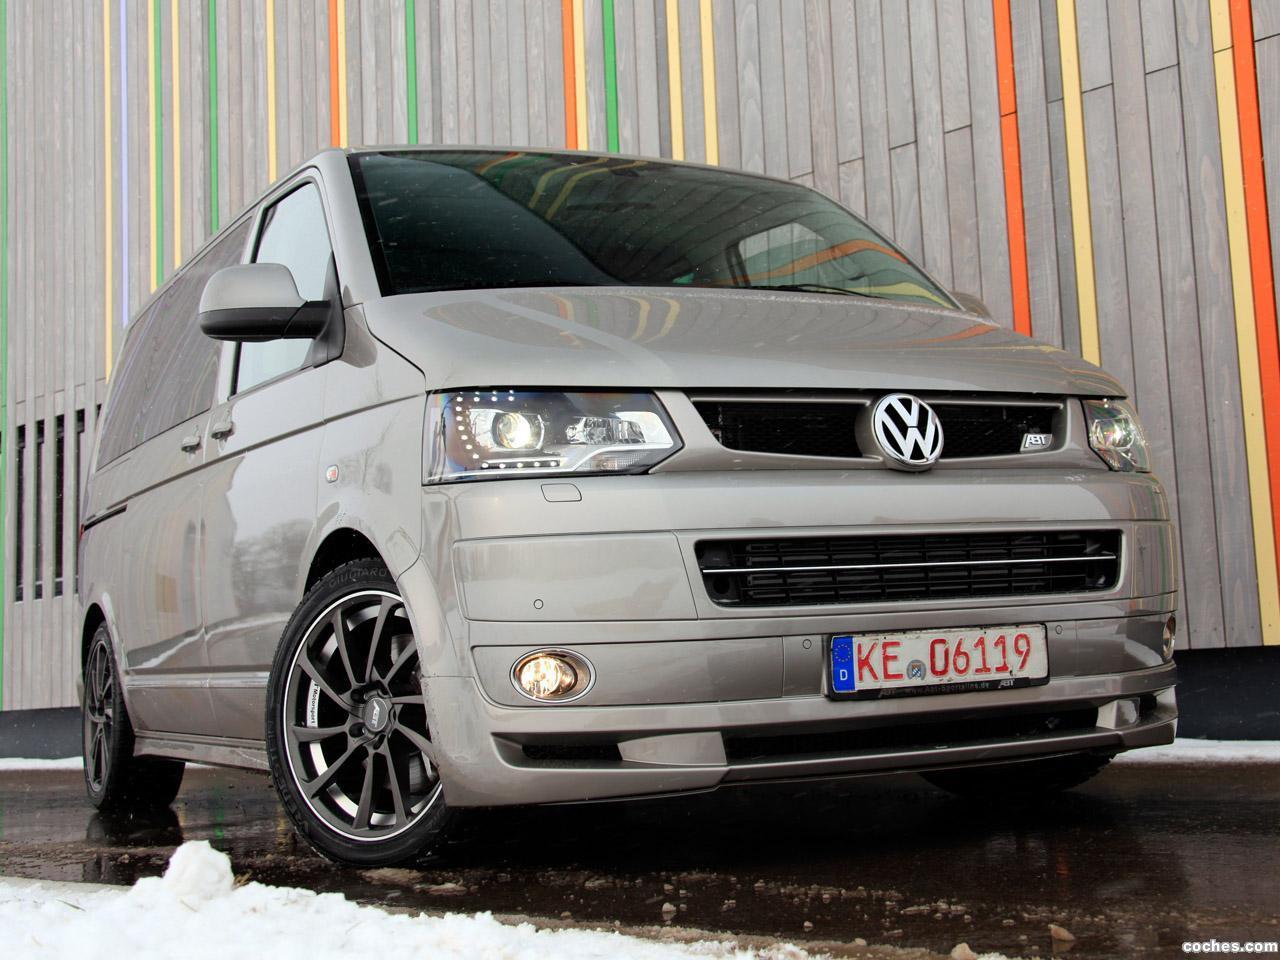 Foto 0 de Volkswagen ABT T5 Multivan 2012